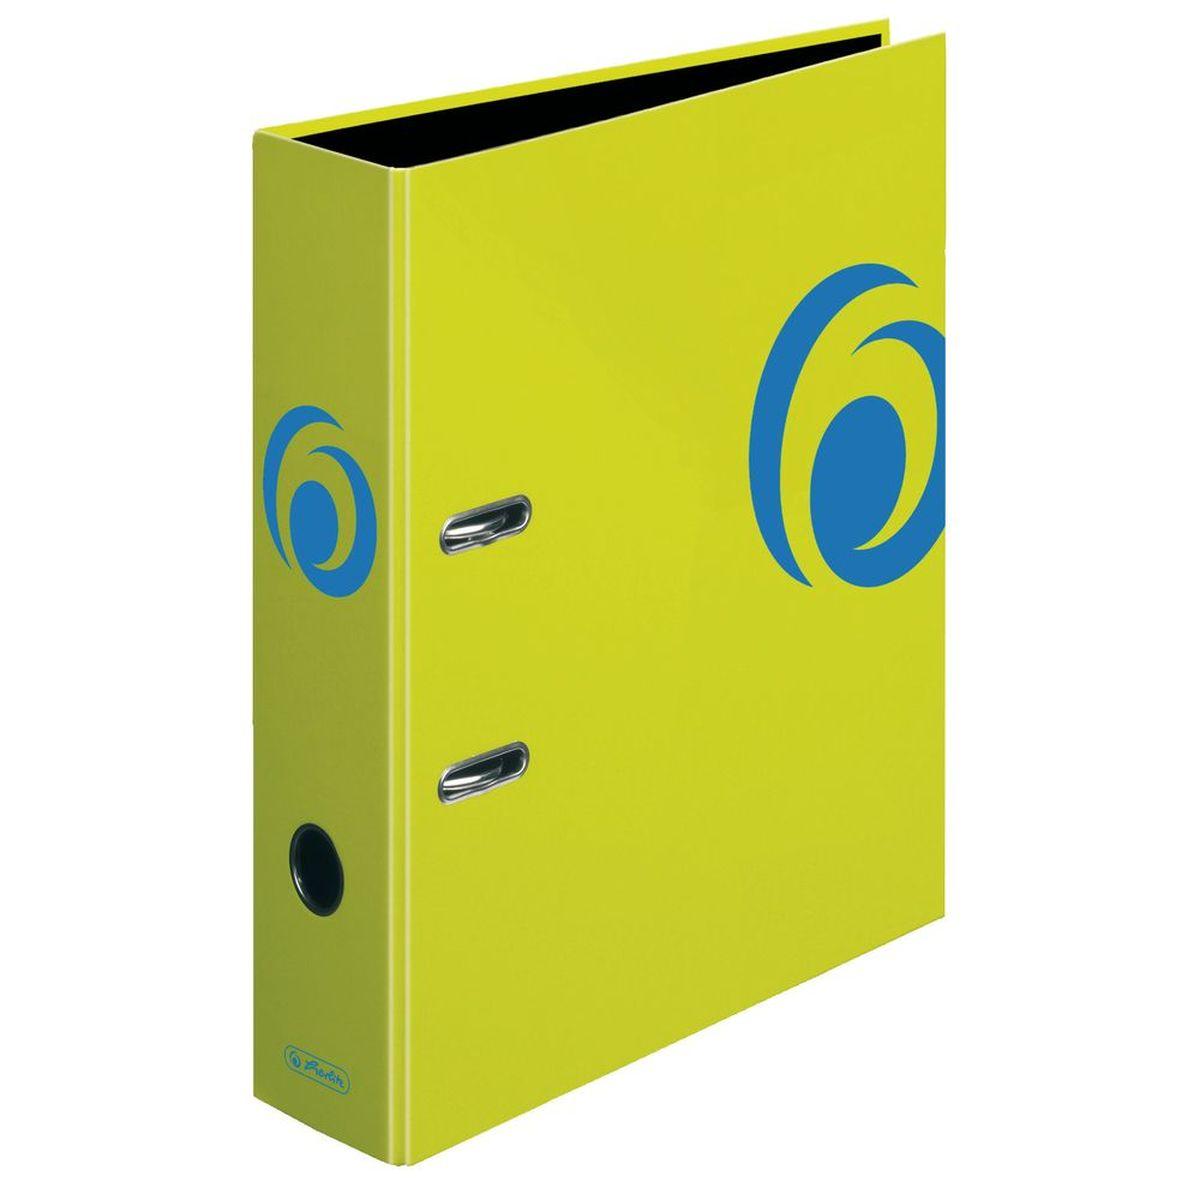 Herlitz Папка-регистратор MaX.file цвет лимонный